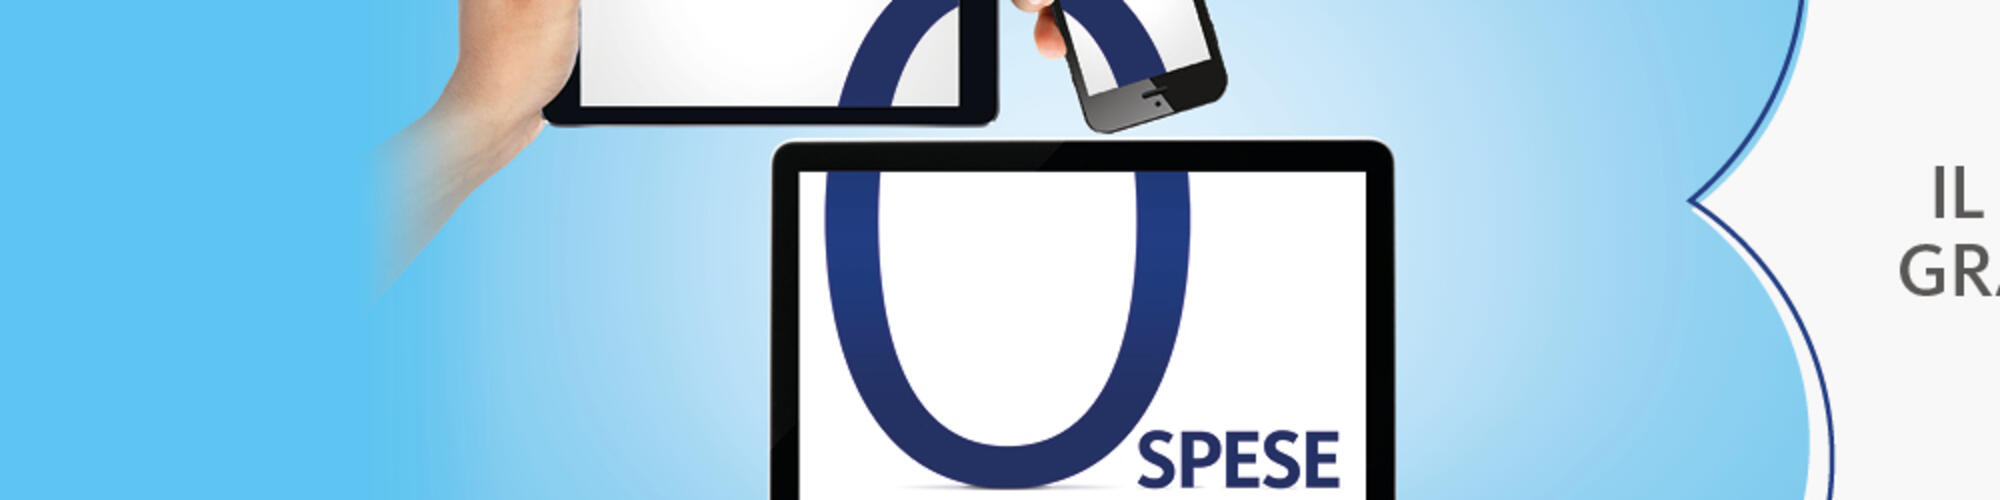 Bsmart, il conto online gratuito